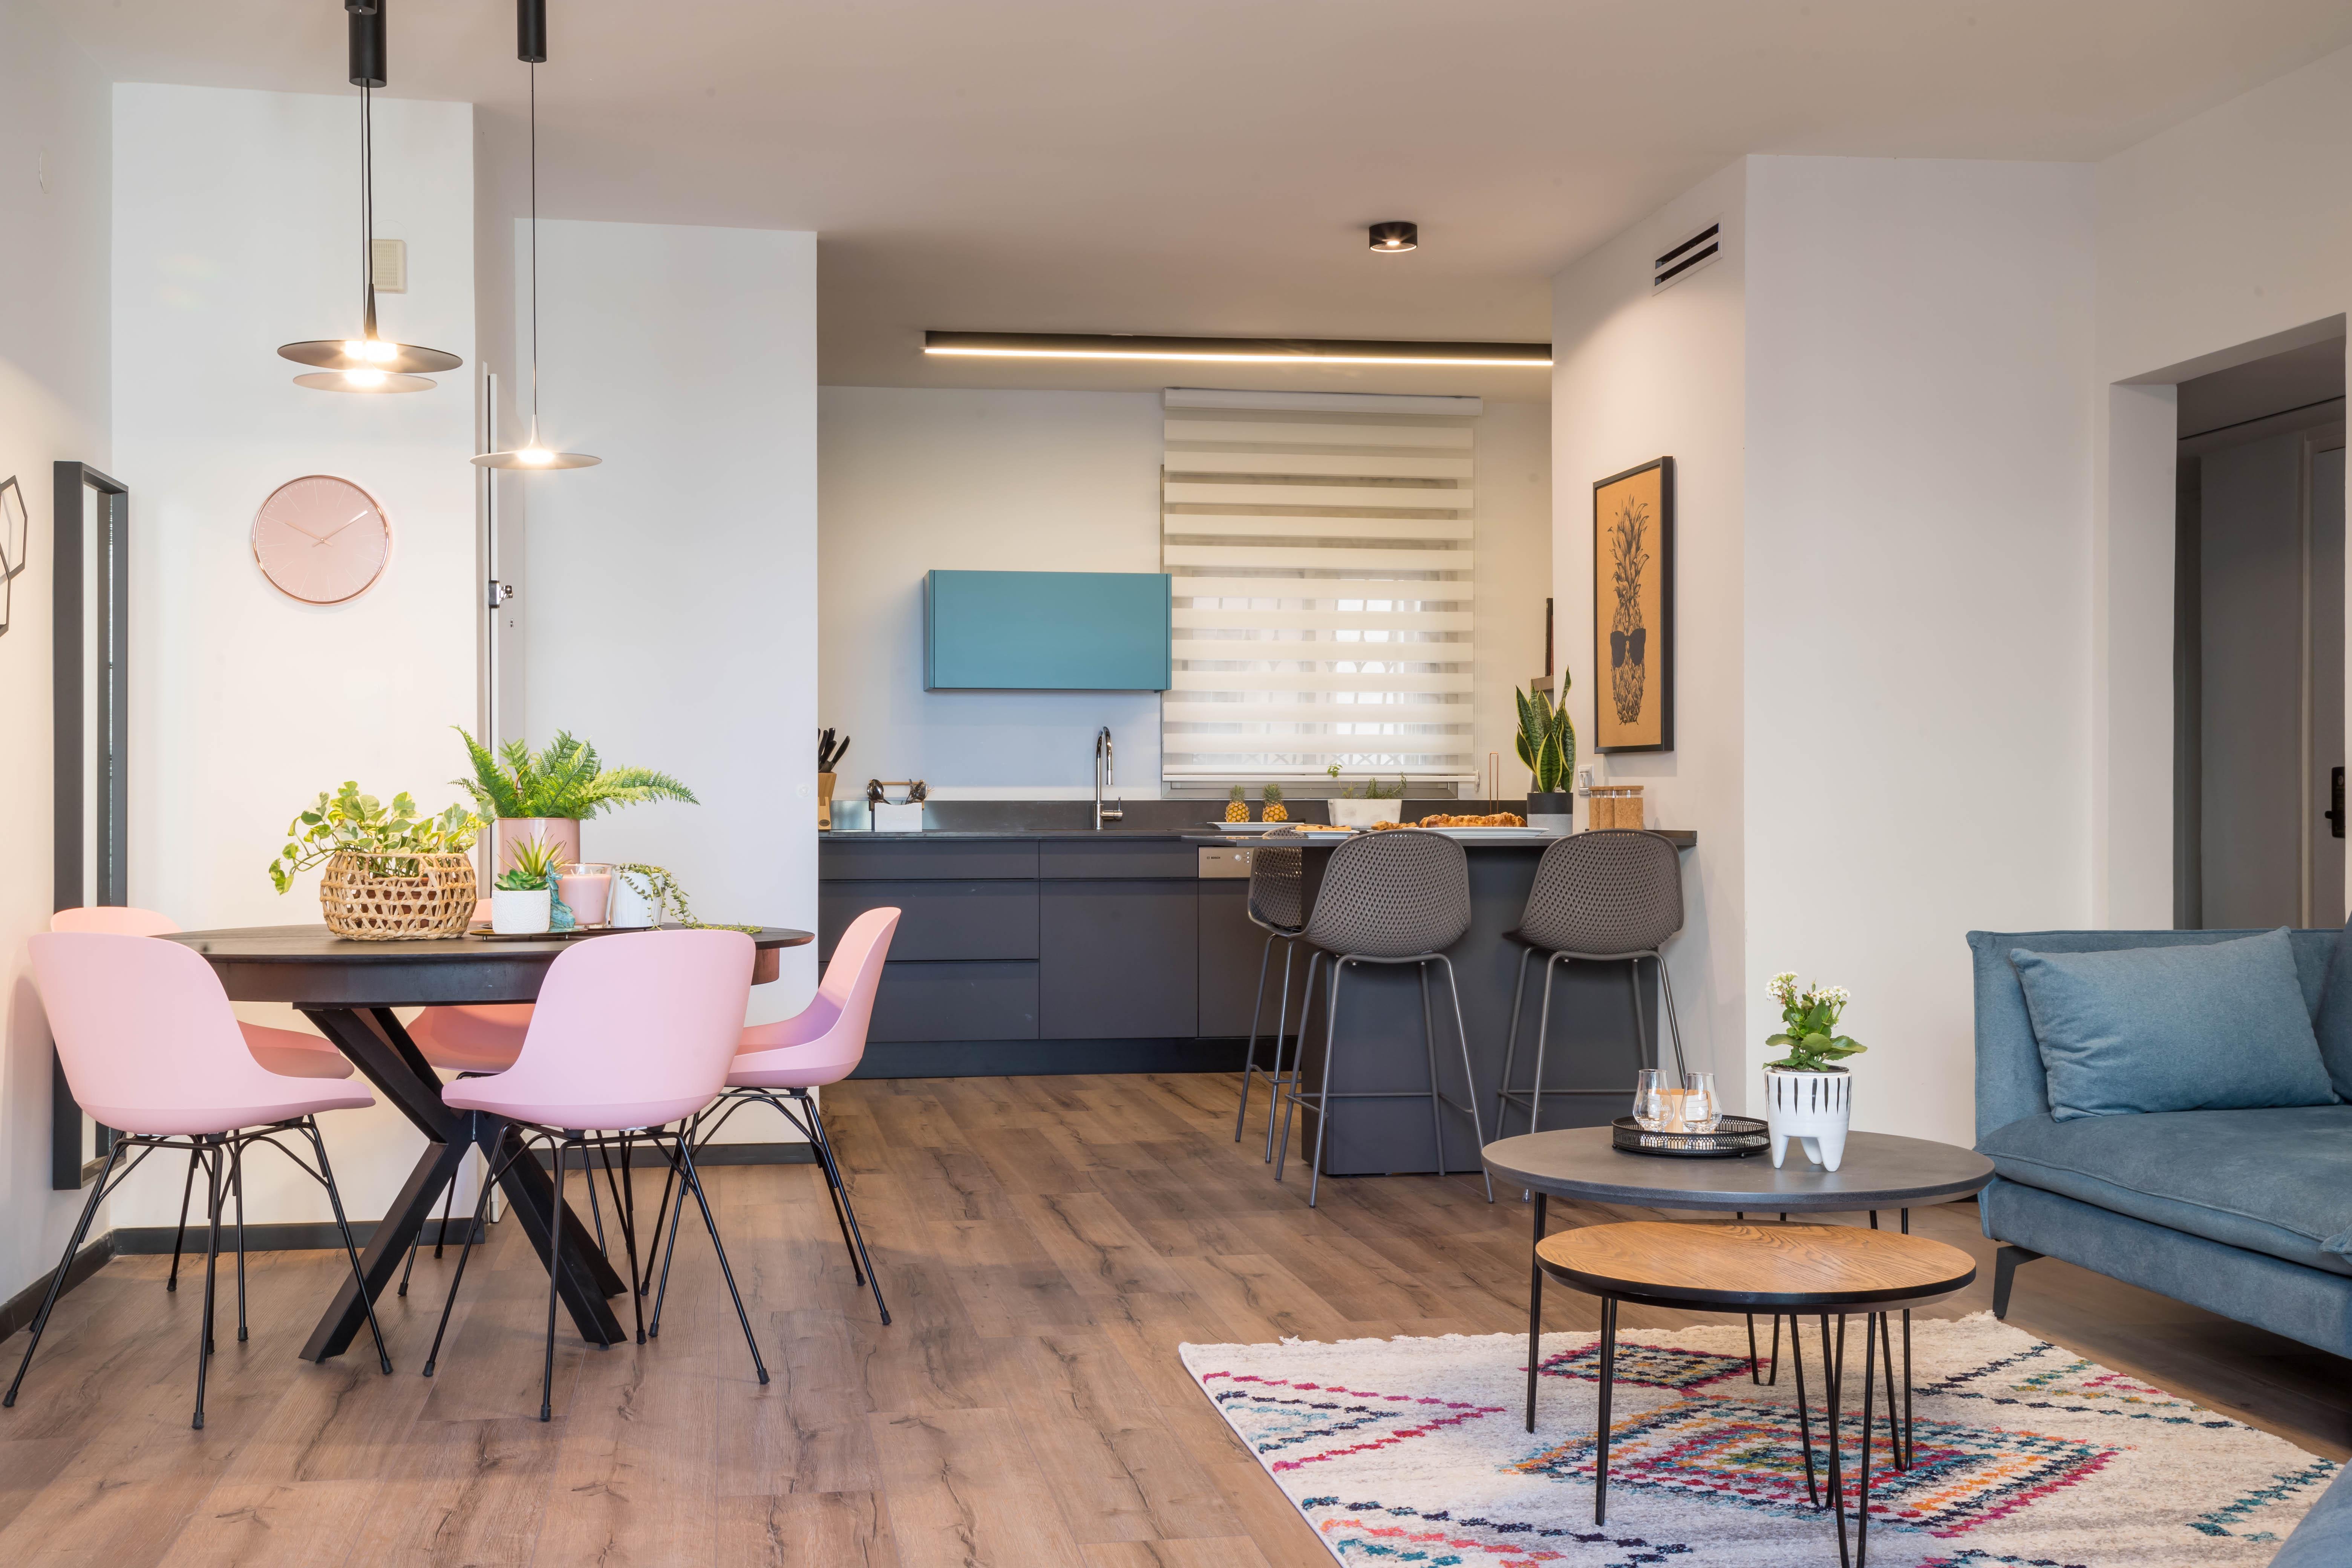 מבט לחיבור בין המטבח לפינת האוכל והסלון.